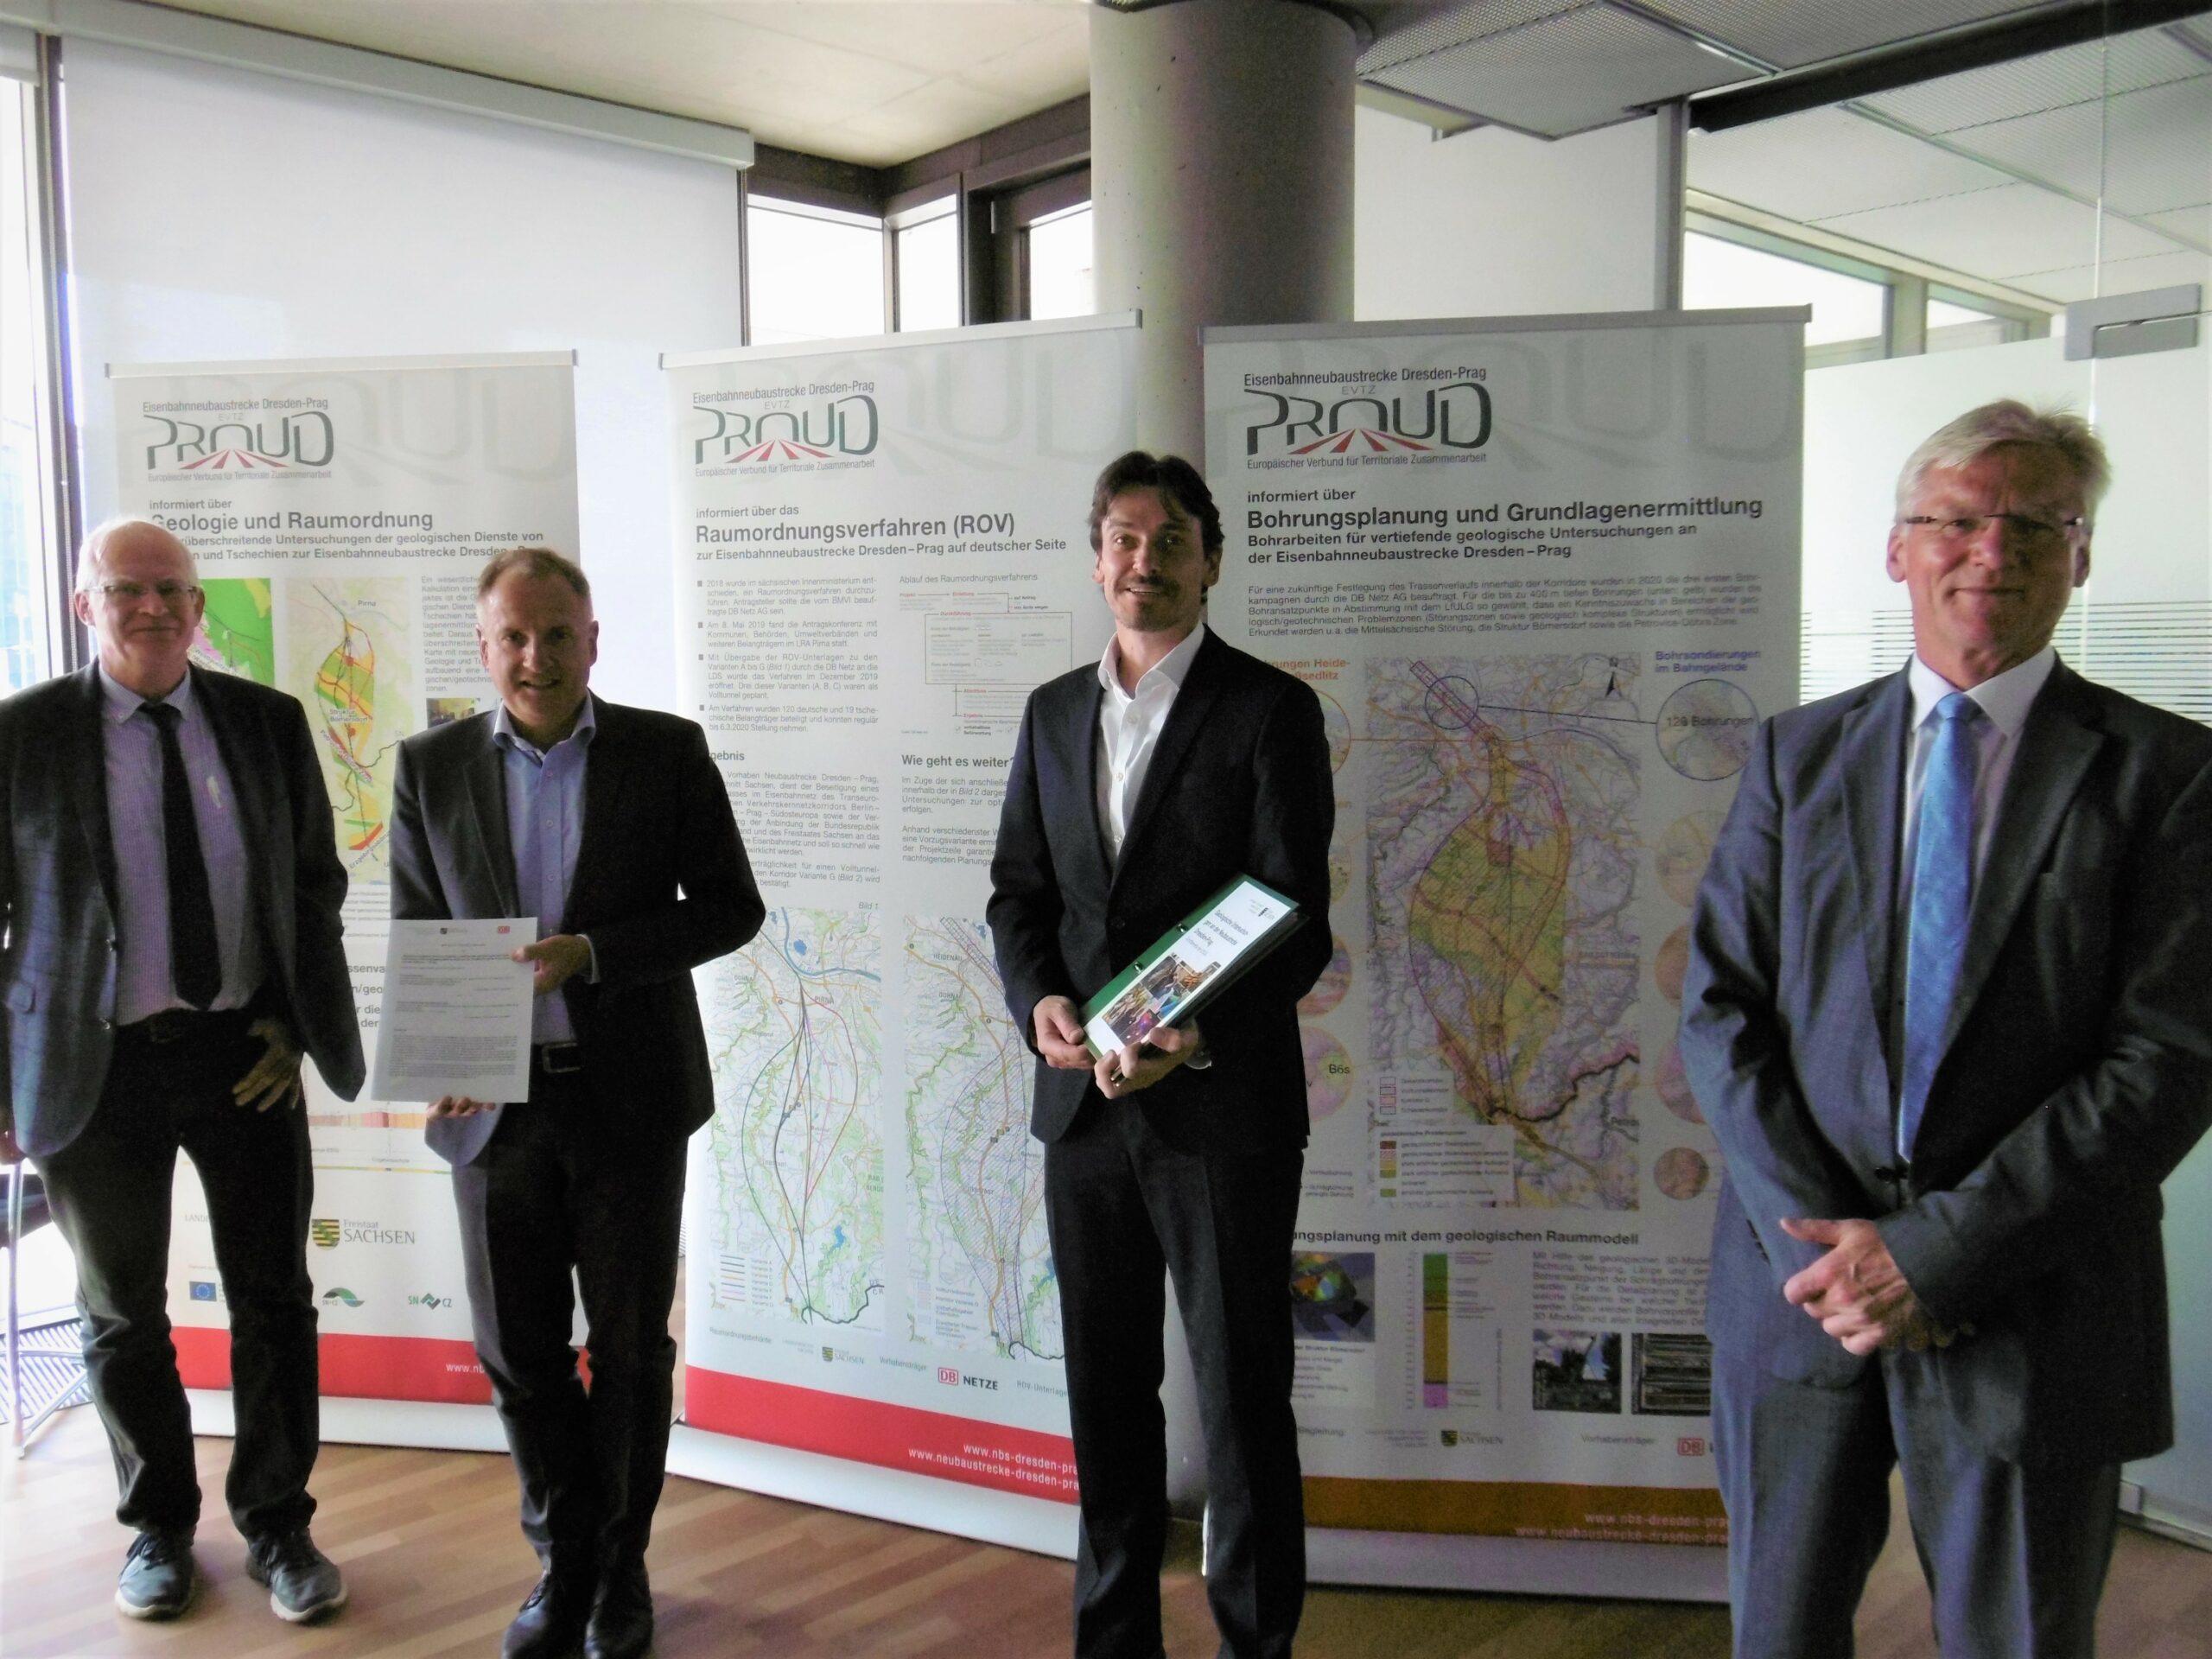 Unterzeichnung der Gemeinsamen Erklärung Neubaustrecke Dresden–Prag (DB AG/Julian Beck)